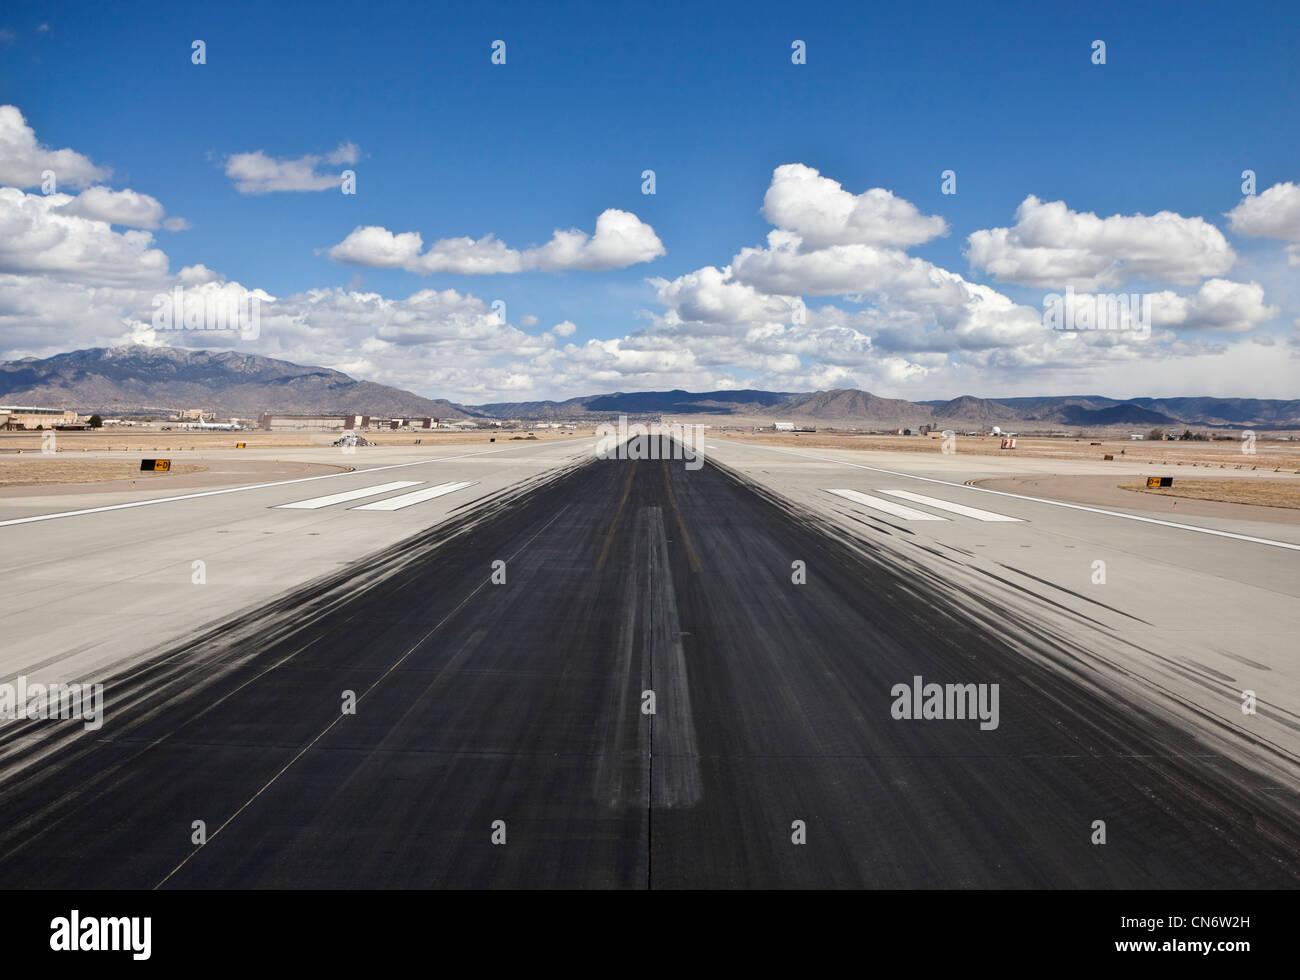 Des marques de dérapage sur une longue piste de l'aéroport désert nord-américain. Photo Stock